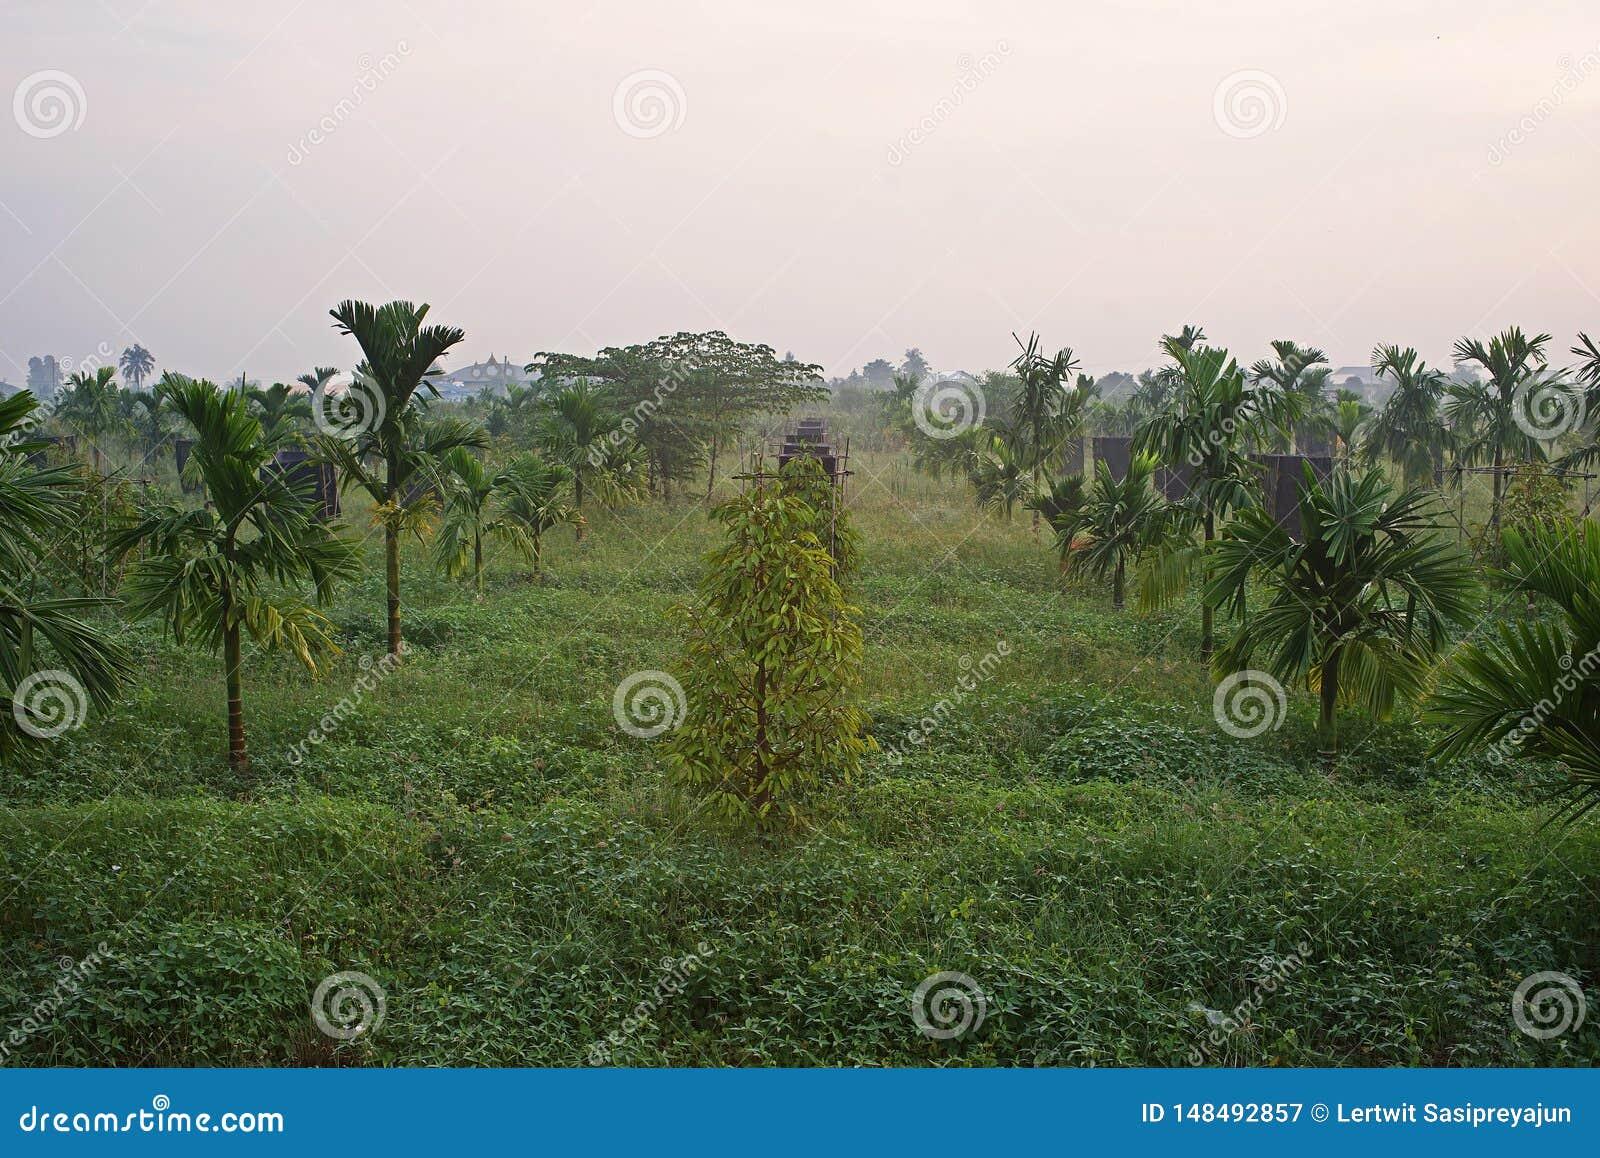 Åtskilligt croping system, durianfrukt att växa togatehr med arecamuttern